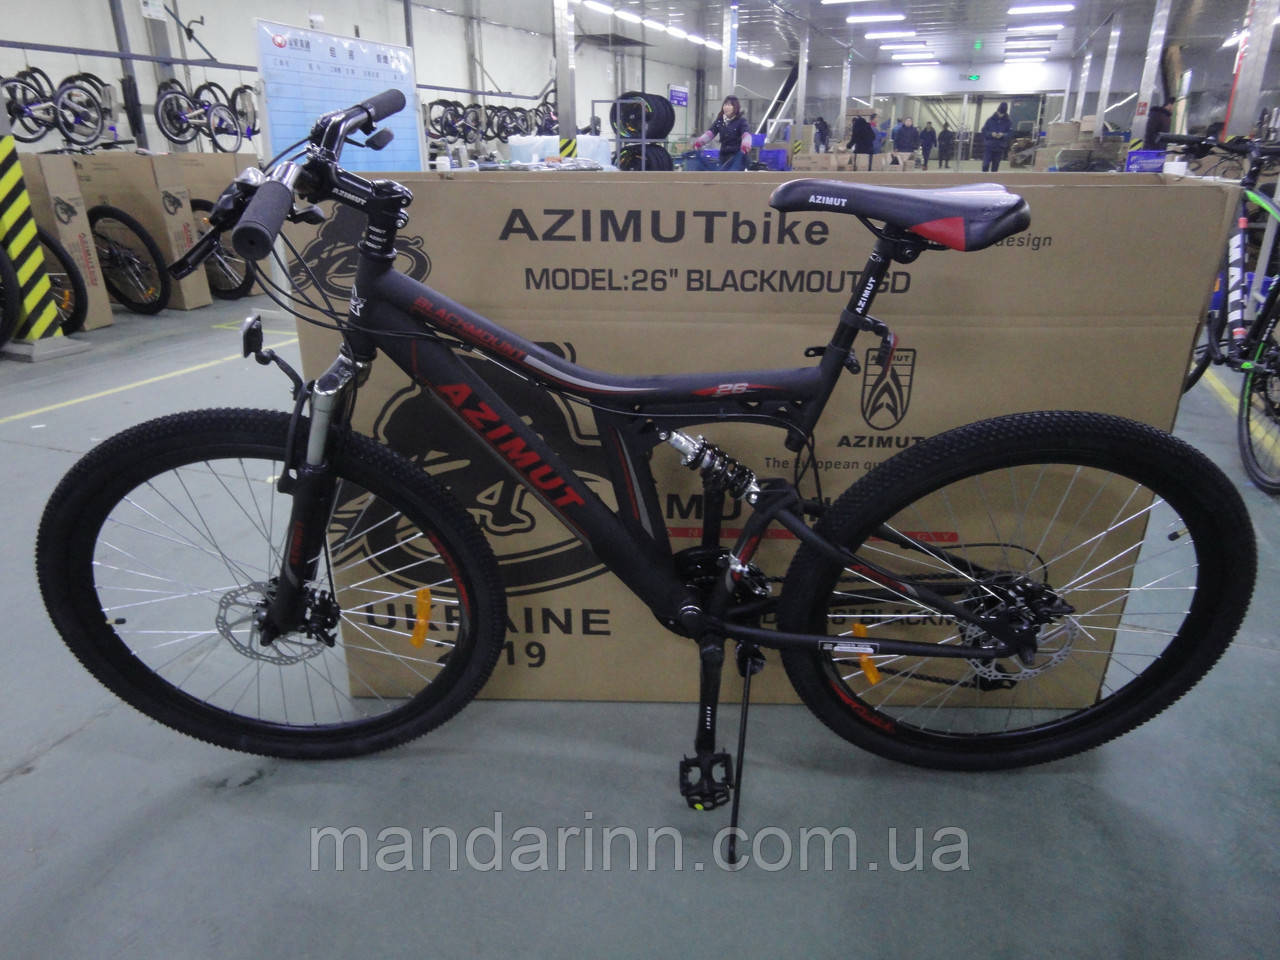 Велосипед Azimut Blackmount 26 дюймов. Дисковые тормоза. Черно-красный